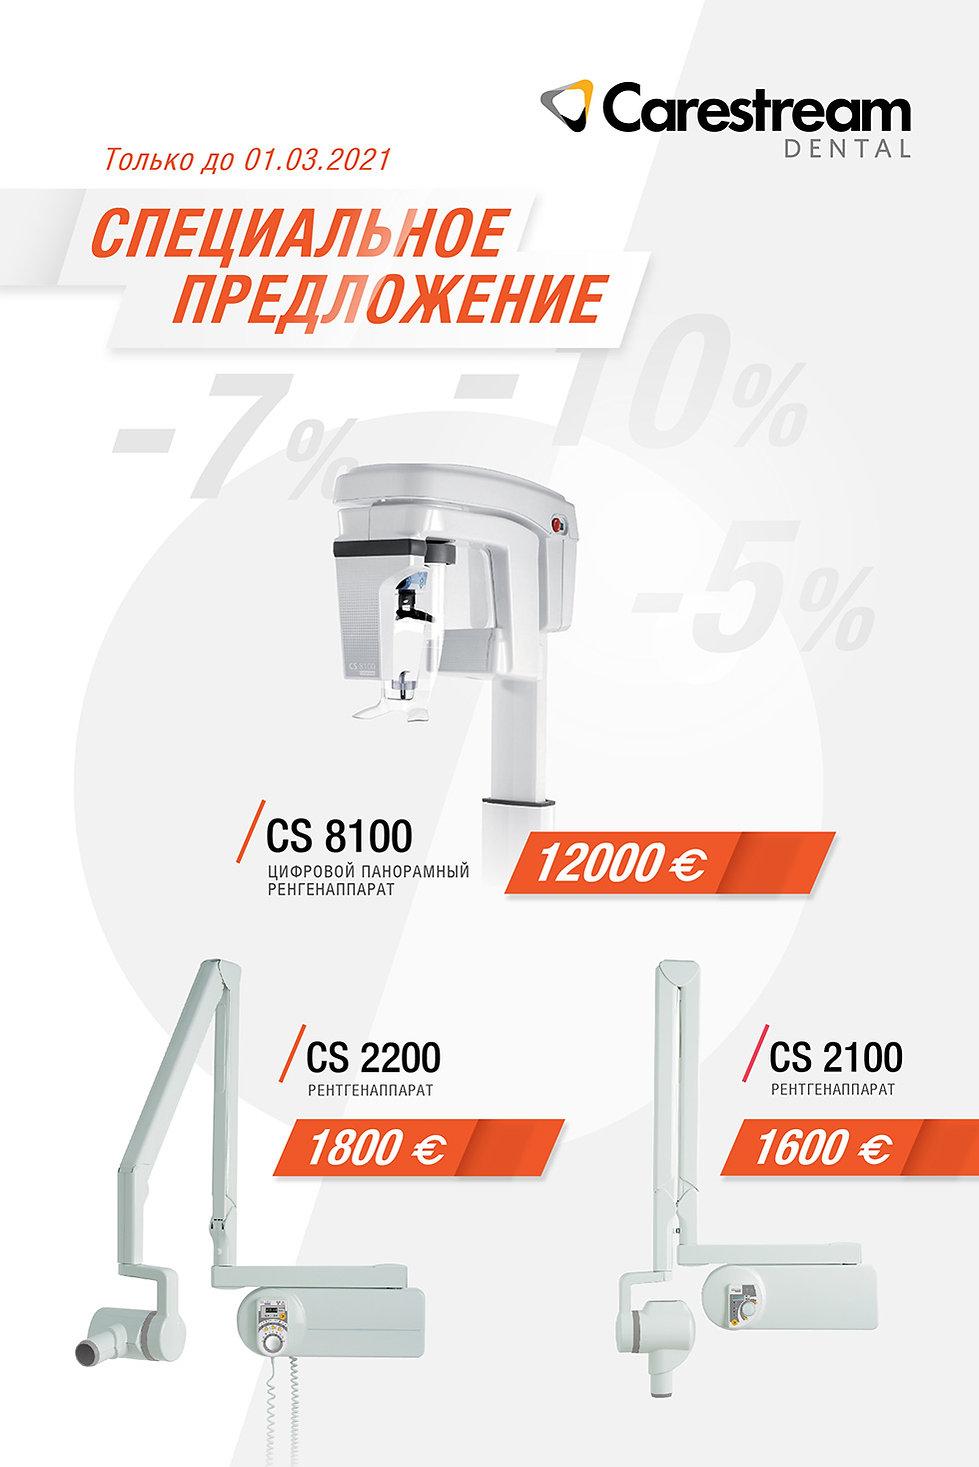 Rassylka_CARESTREAM-02022021-980.jpg